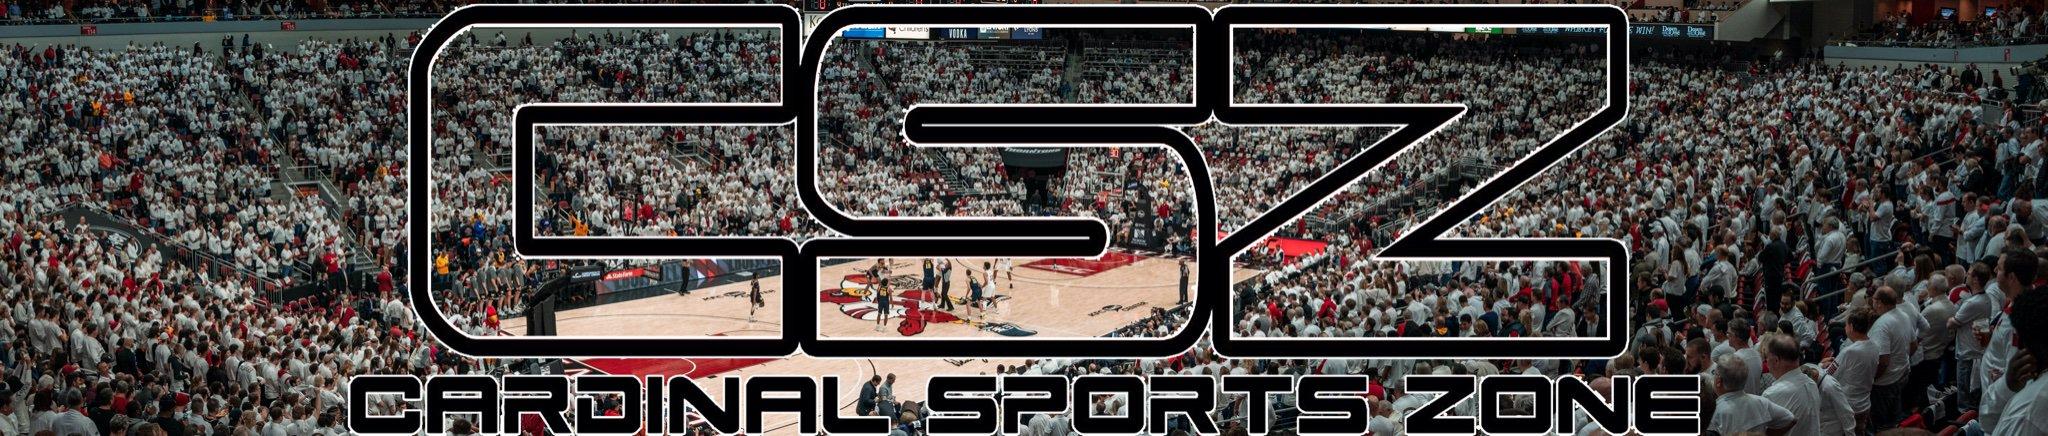 Cardinal Sports Zone